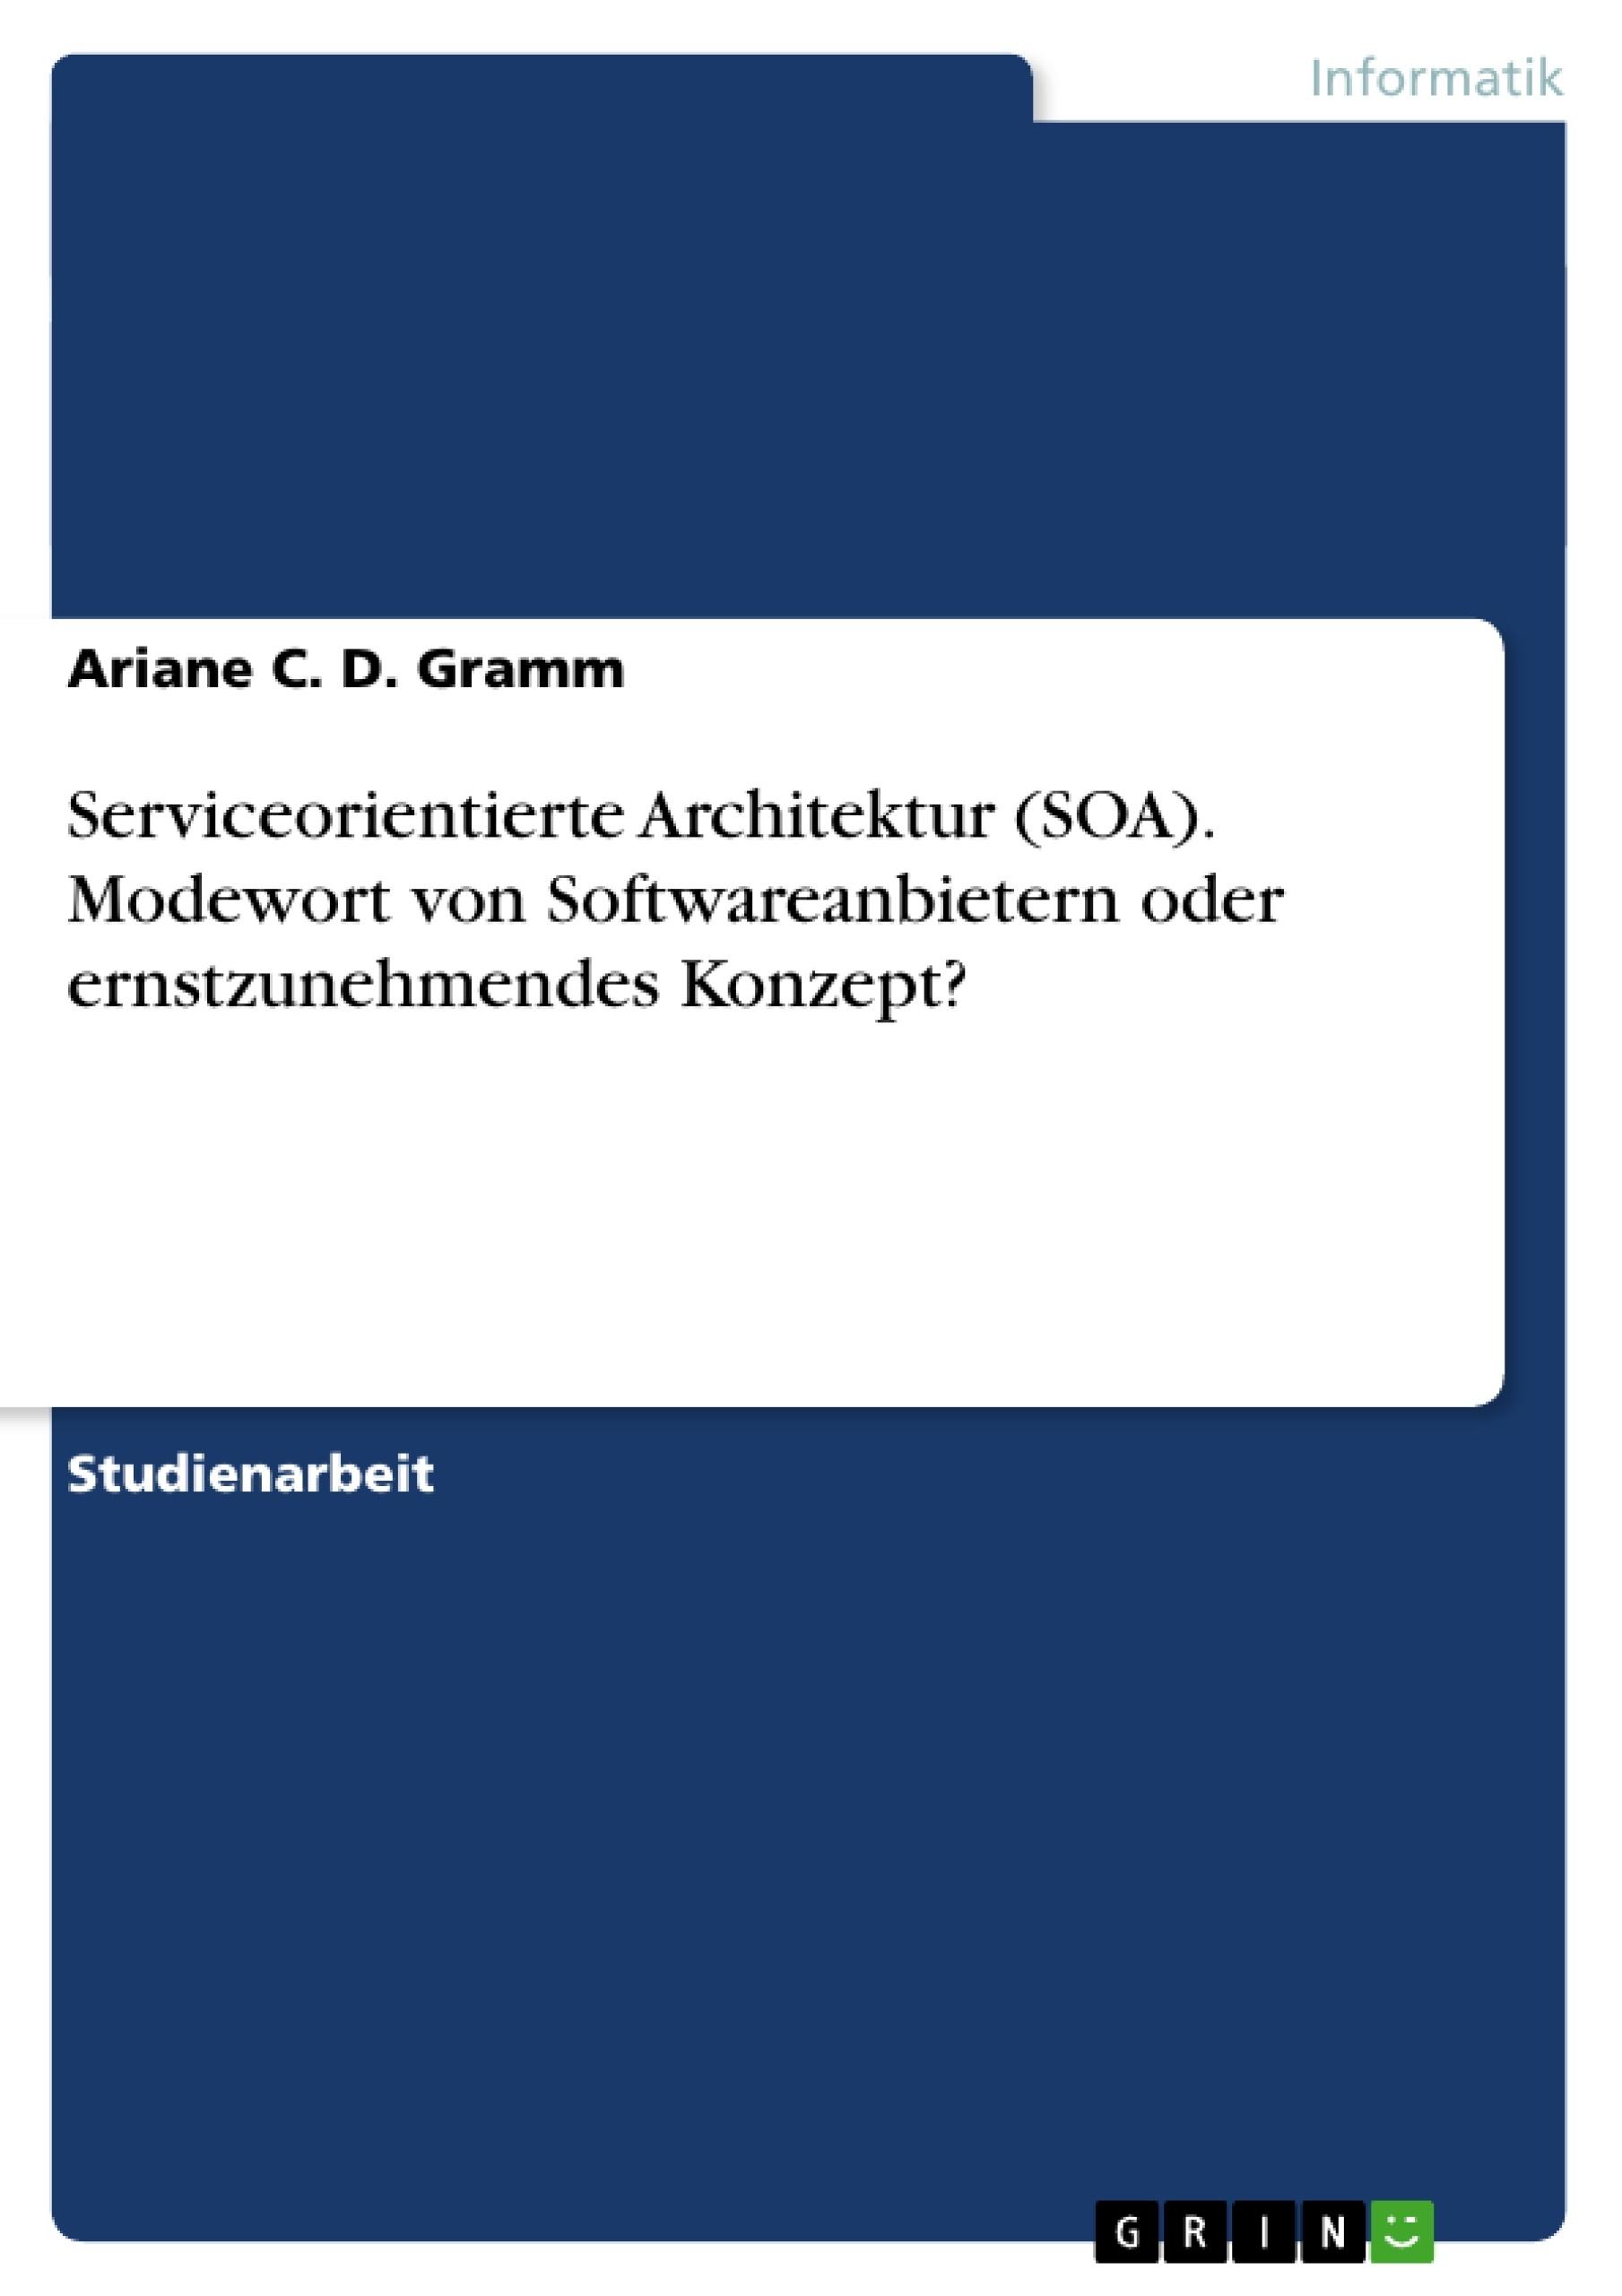 Titel: Serviceorientierte Architektur (SOA). Modewort von Softwareanbietern oder ernstzunehmendes Konzept?